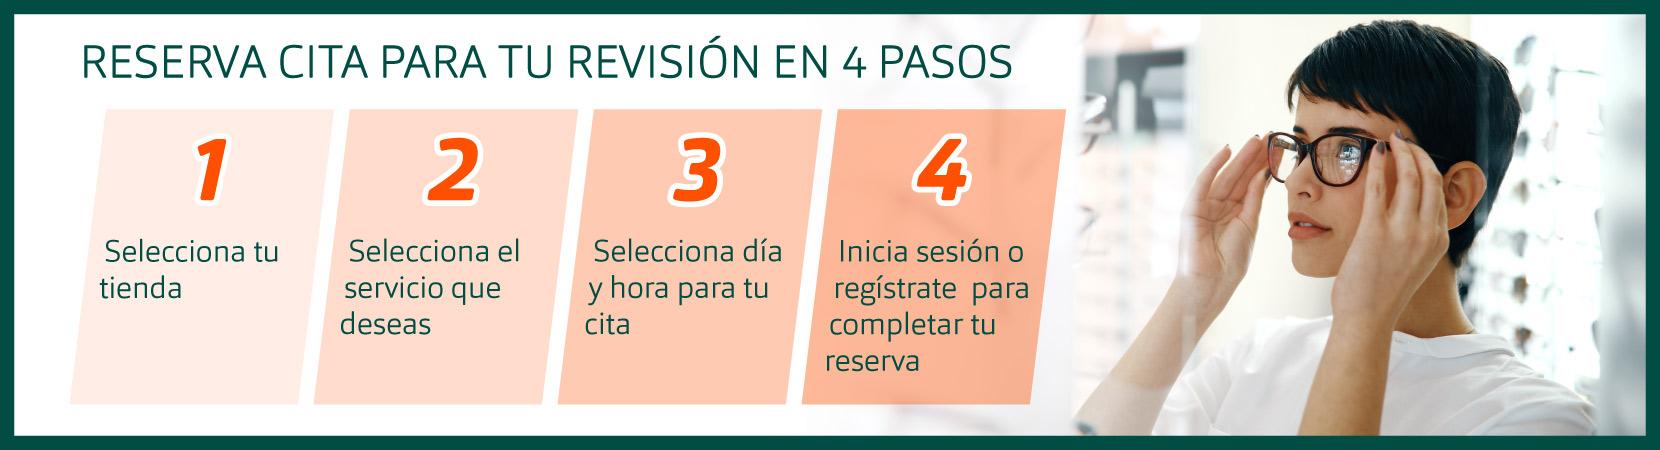 Oferta + Visión